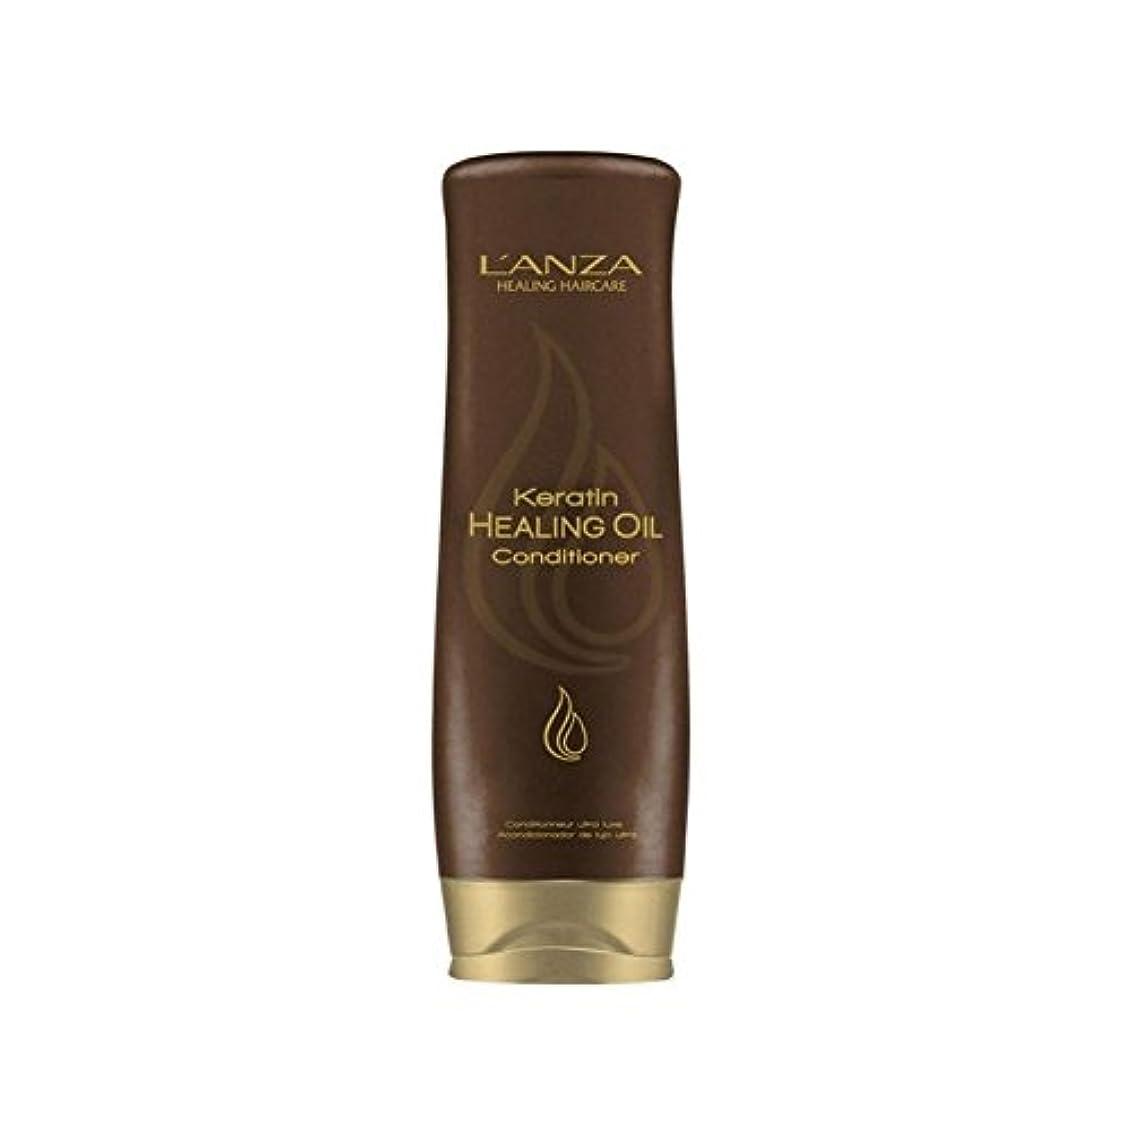 アンザケラチンオイルコンディショナー(250ミリリットル)を癒し x4 - L'Anza Keratin Healing Oil Conditioner (250ml) (Pack of 4) [並行輸入品]